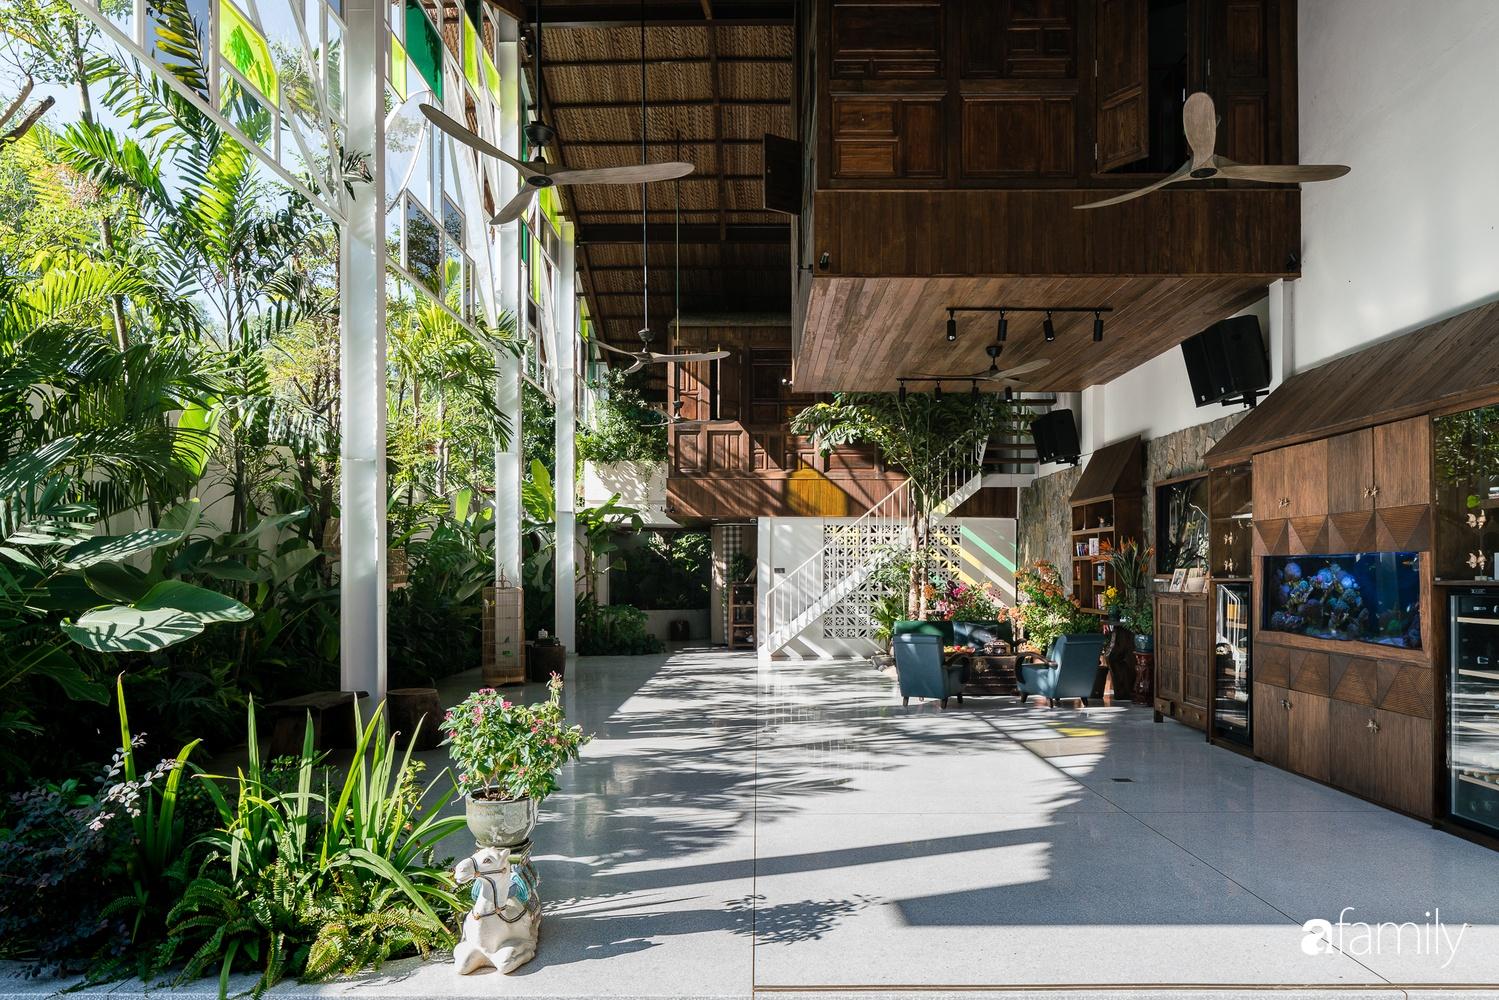 Ngôi nhà gỗ với thiết kế giống tổ chim đẹp như resort nghỉ dưỡng đậm chất thơ trong lòng Sài Gòn - Ảnh 10.